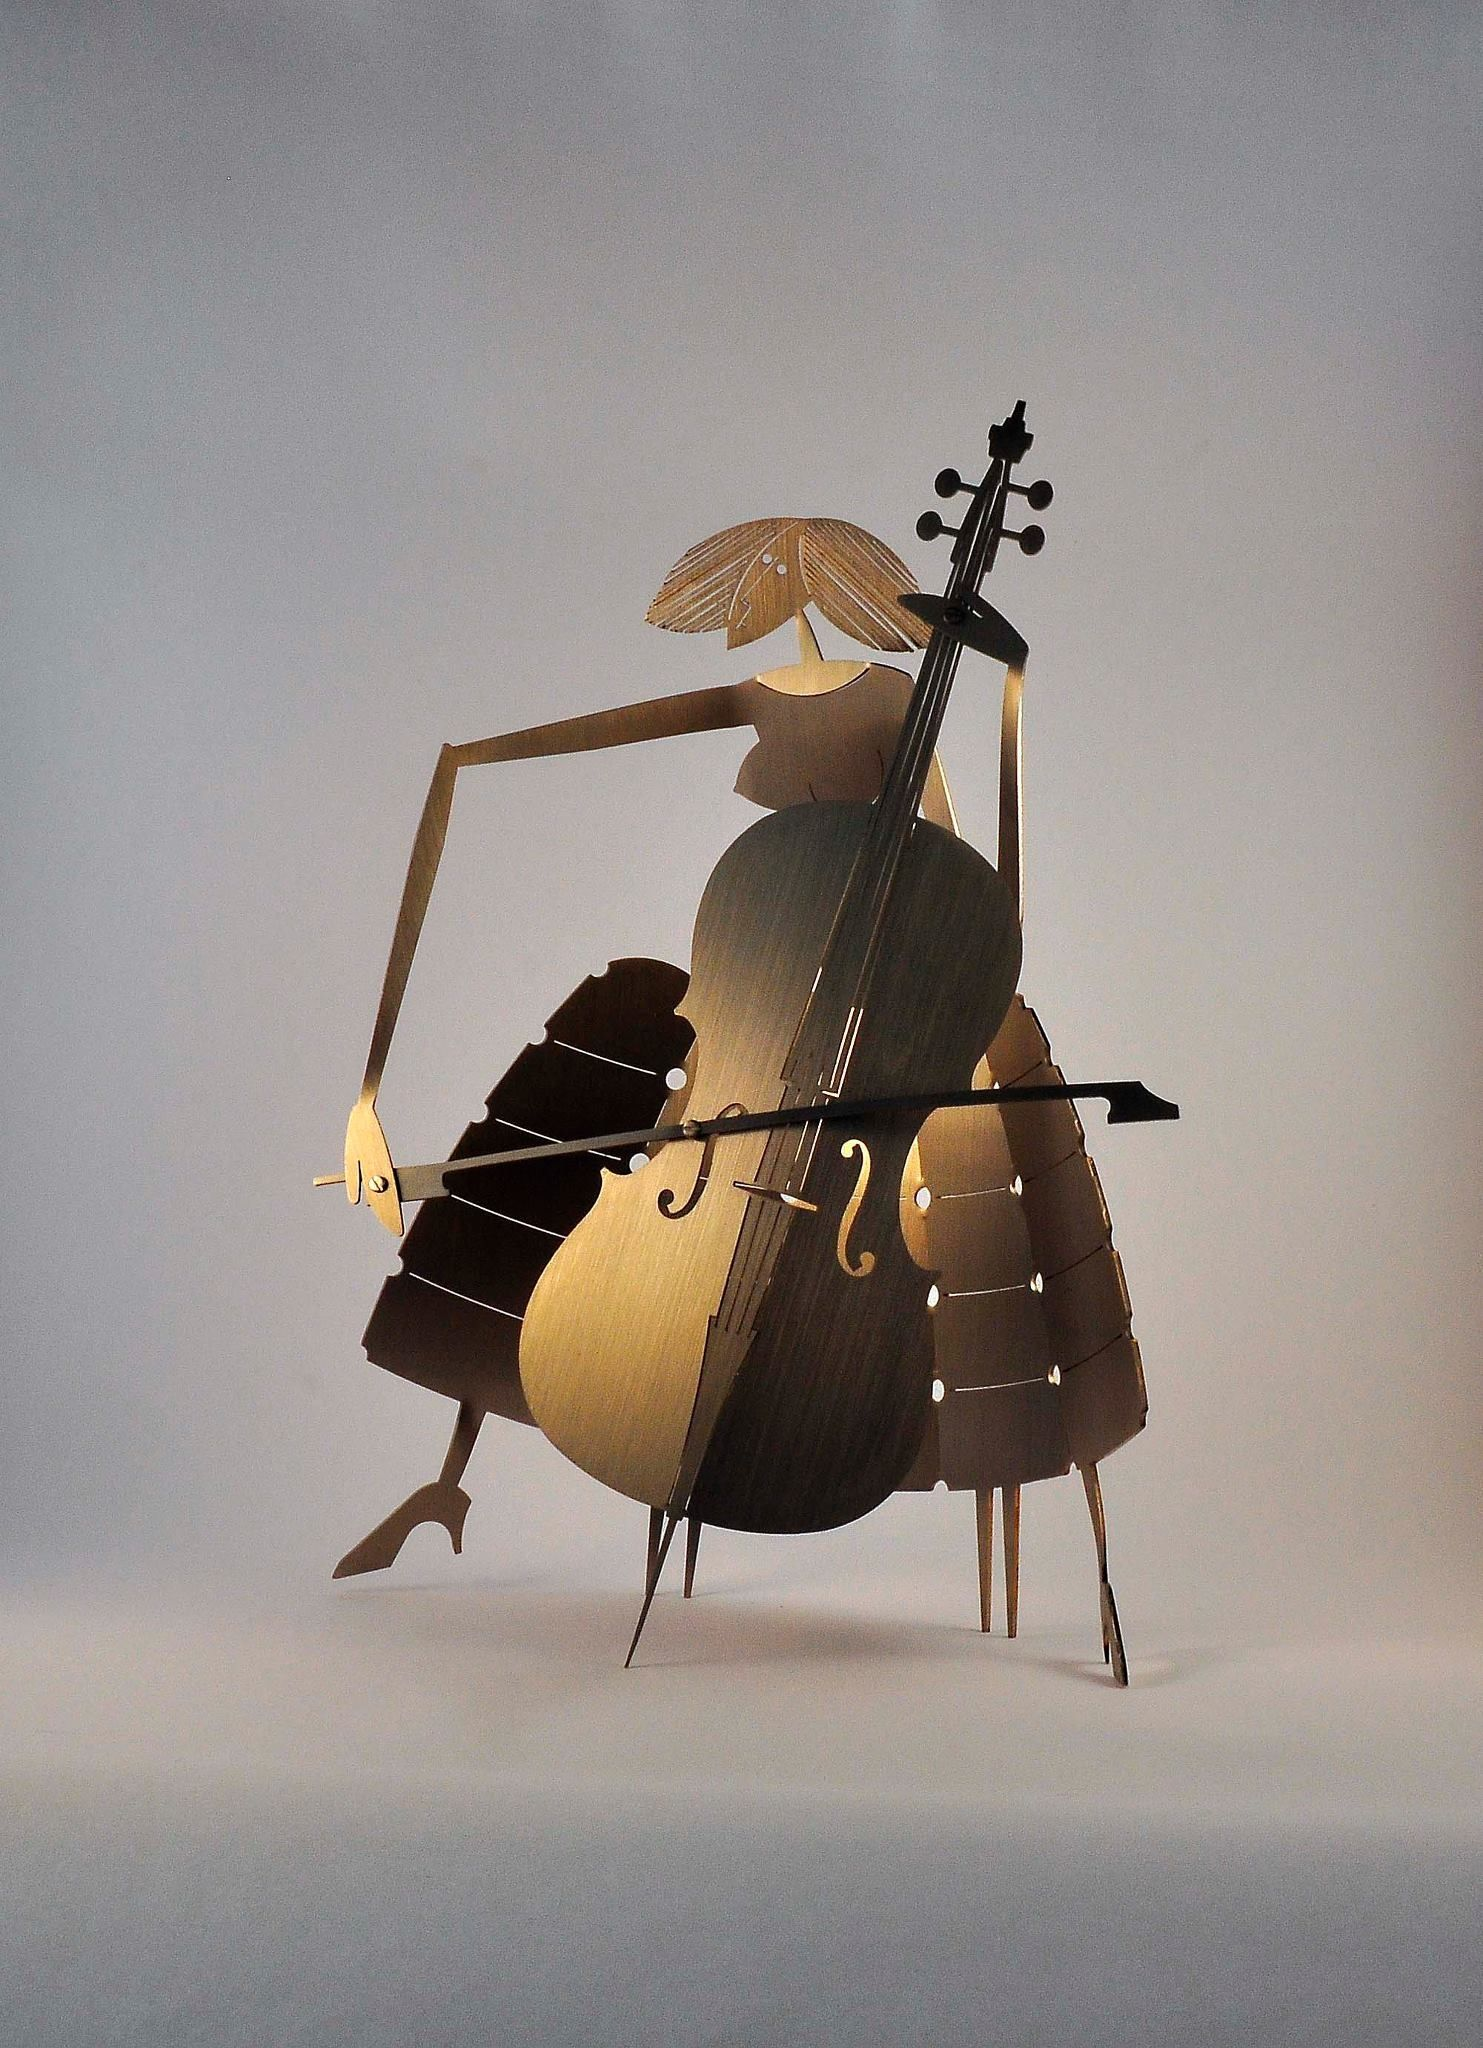 Suggia Cellist Artwork Artwork Music Cello Musicart Www